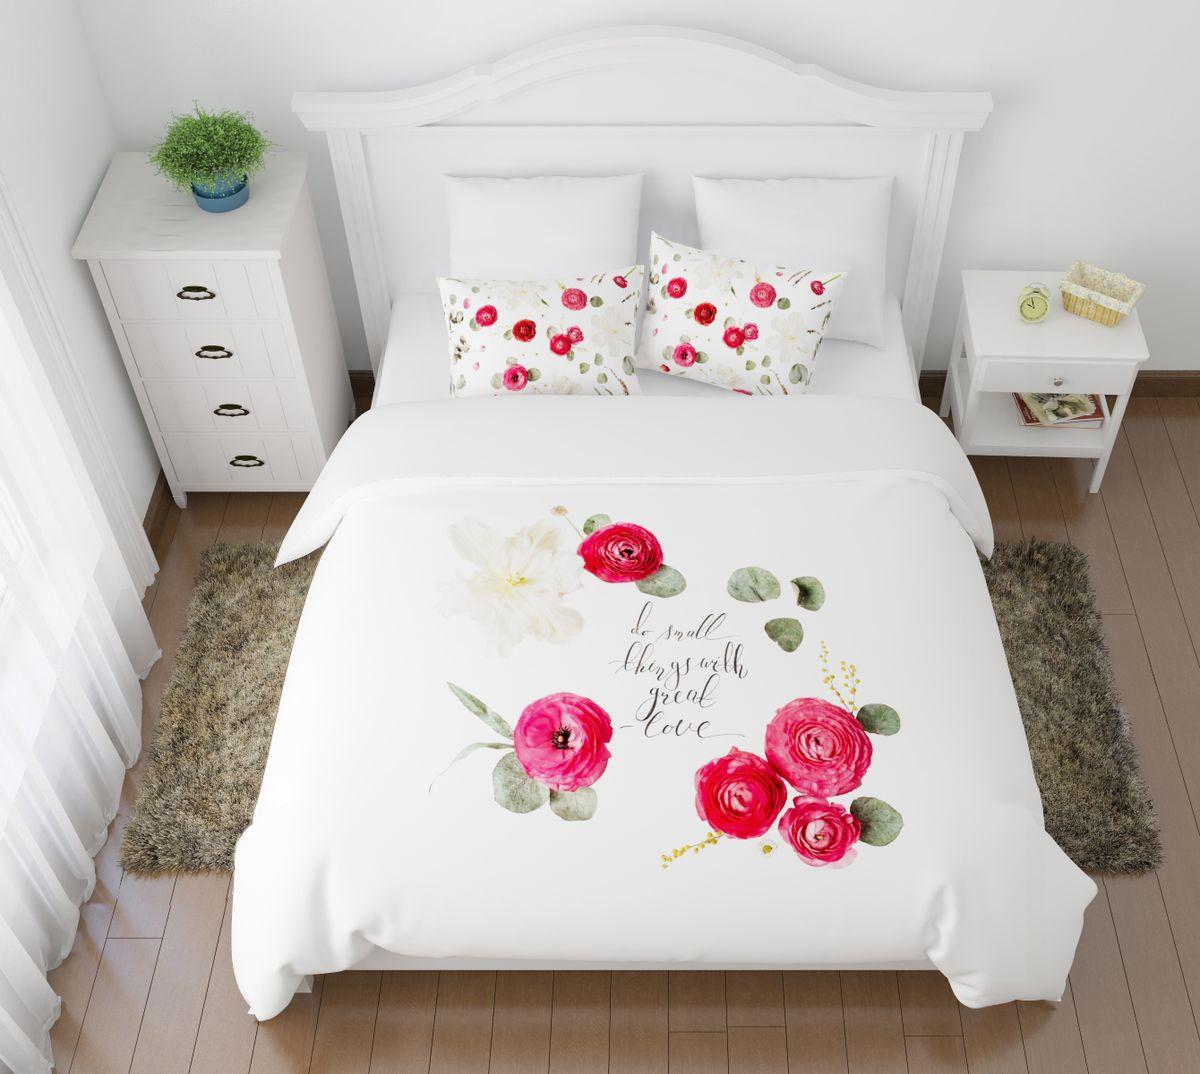 Комплект белья Сирень Веросса, 1,5-спальный, наволочки 50x70FD-59Комплект постельного белья Сирень состоит из простыни, пододеяльника и 2 наволочек. Комплект выполнен из современных гипоаллергенных материалов. Приятный при прикосновении сатин - гарантия здорового, спокойного сна. Ткань хорошо впитывает влагу, надолго сохраняет яркость красок. Четкий, изящный рисунок в сочетании с насыщенными красками делает комплект постельного белья неповторимой изюминкой любого интерьера. Постельное белье идеально подойдет для подарка.